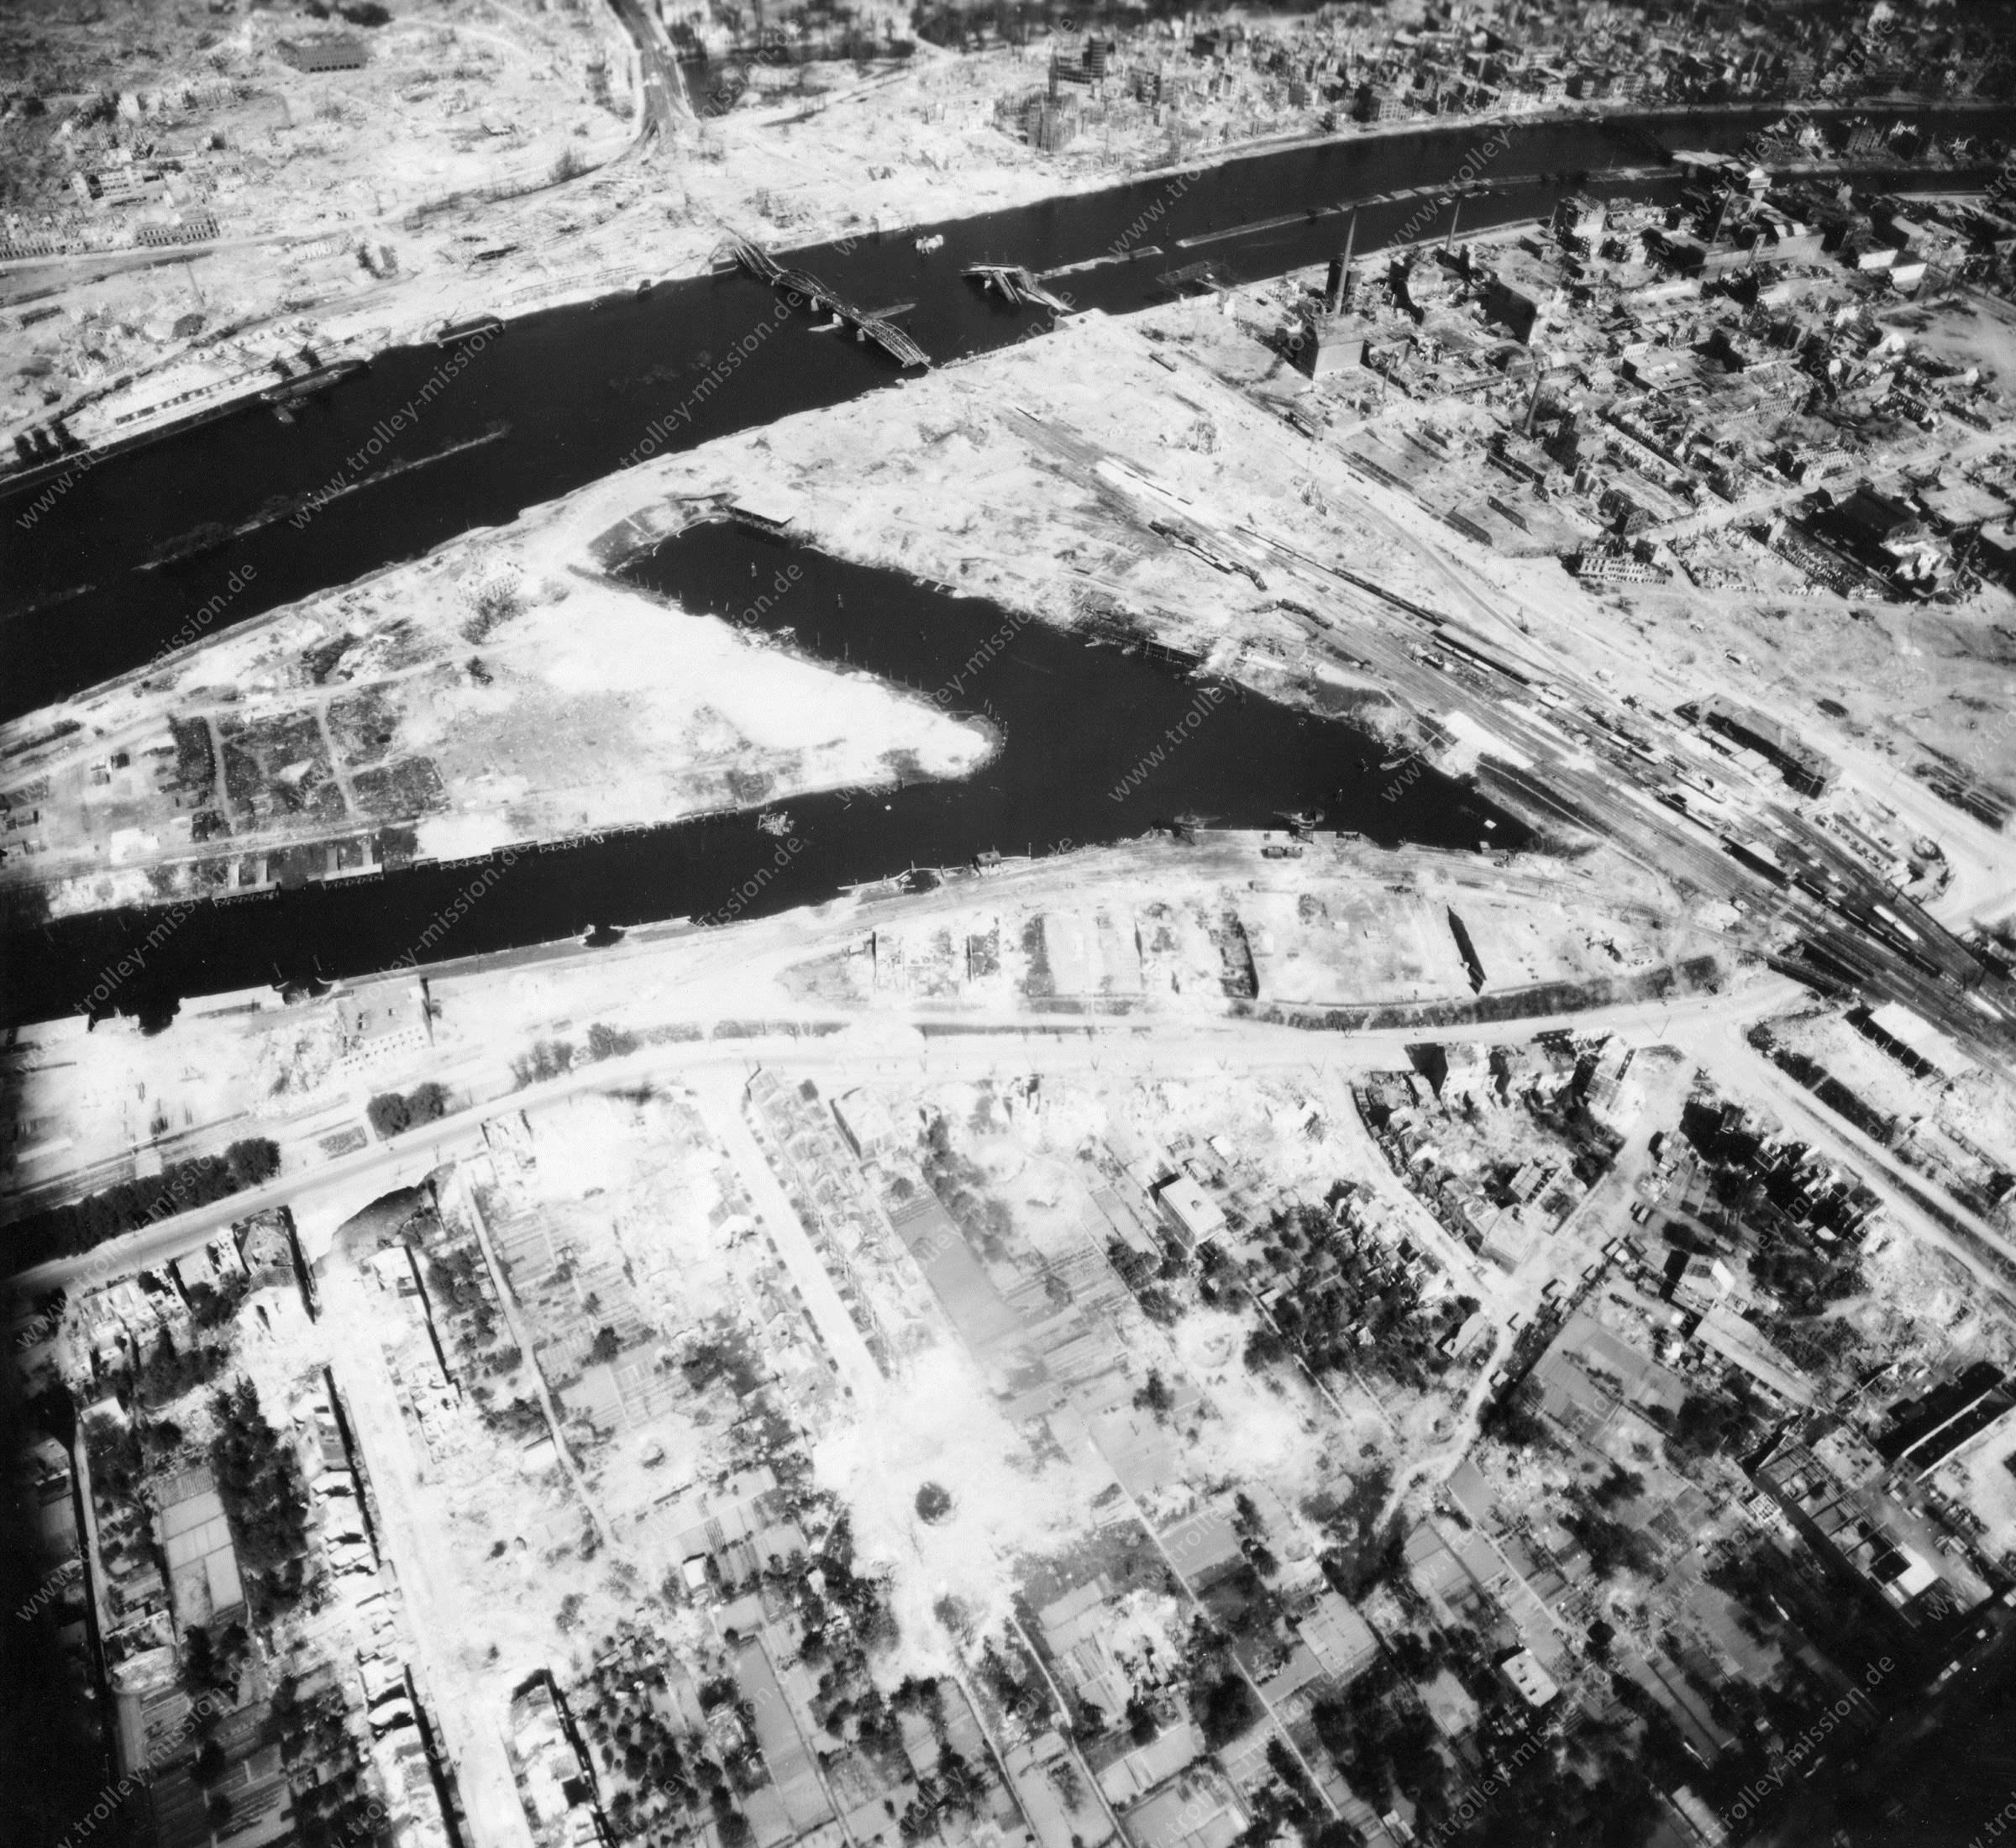 Luftbild von Bremen am 12. Mai 1945 - Luftbildserie 8/12 der US Air Force